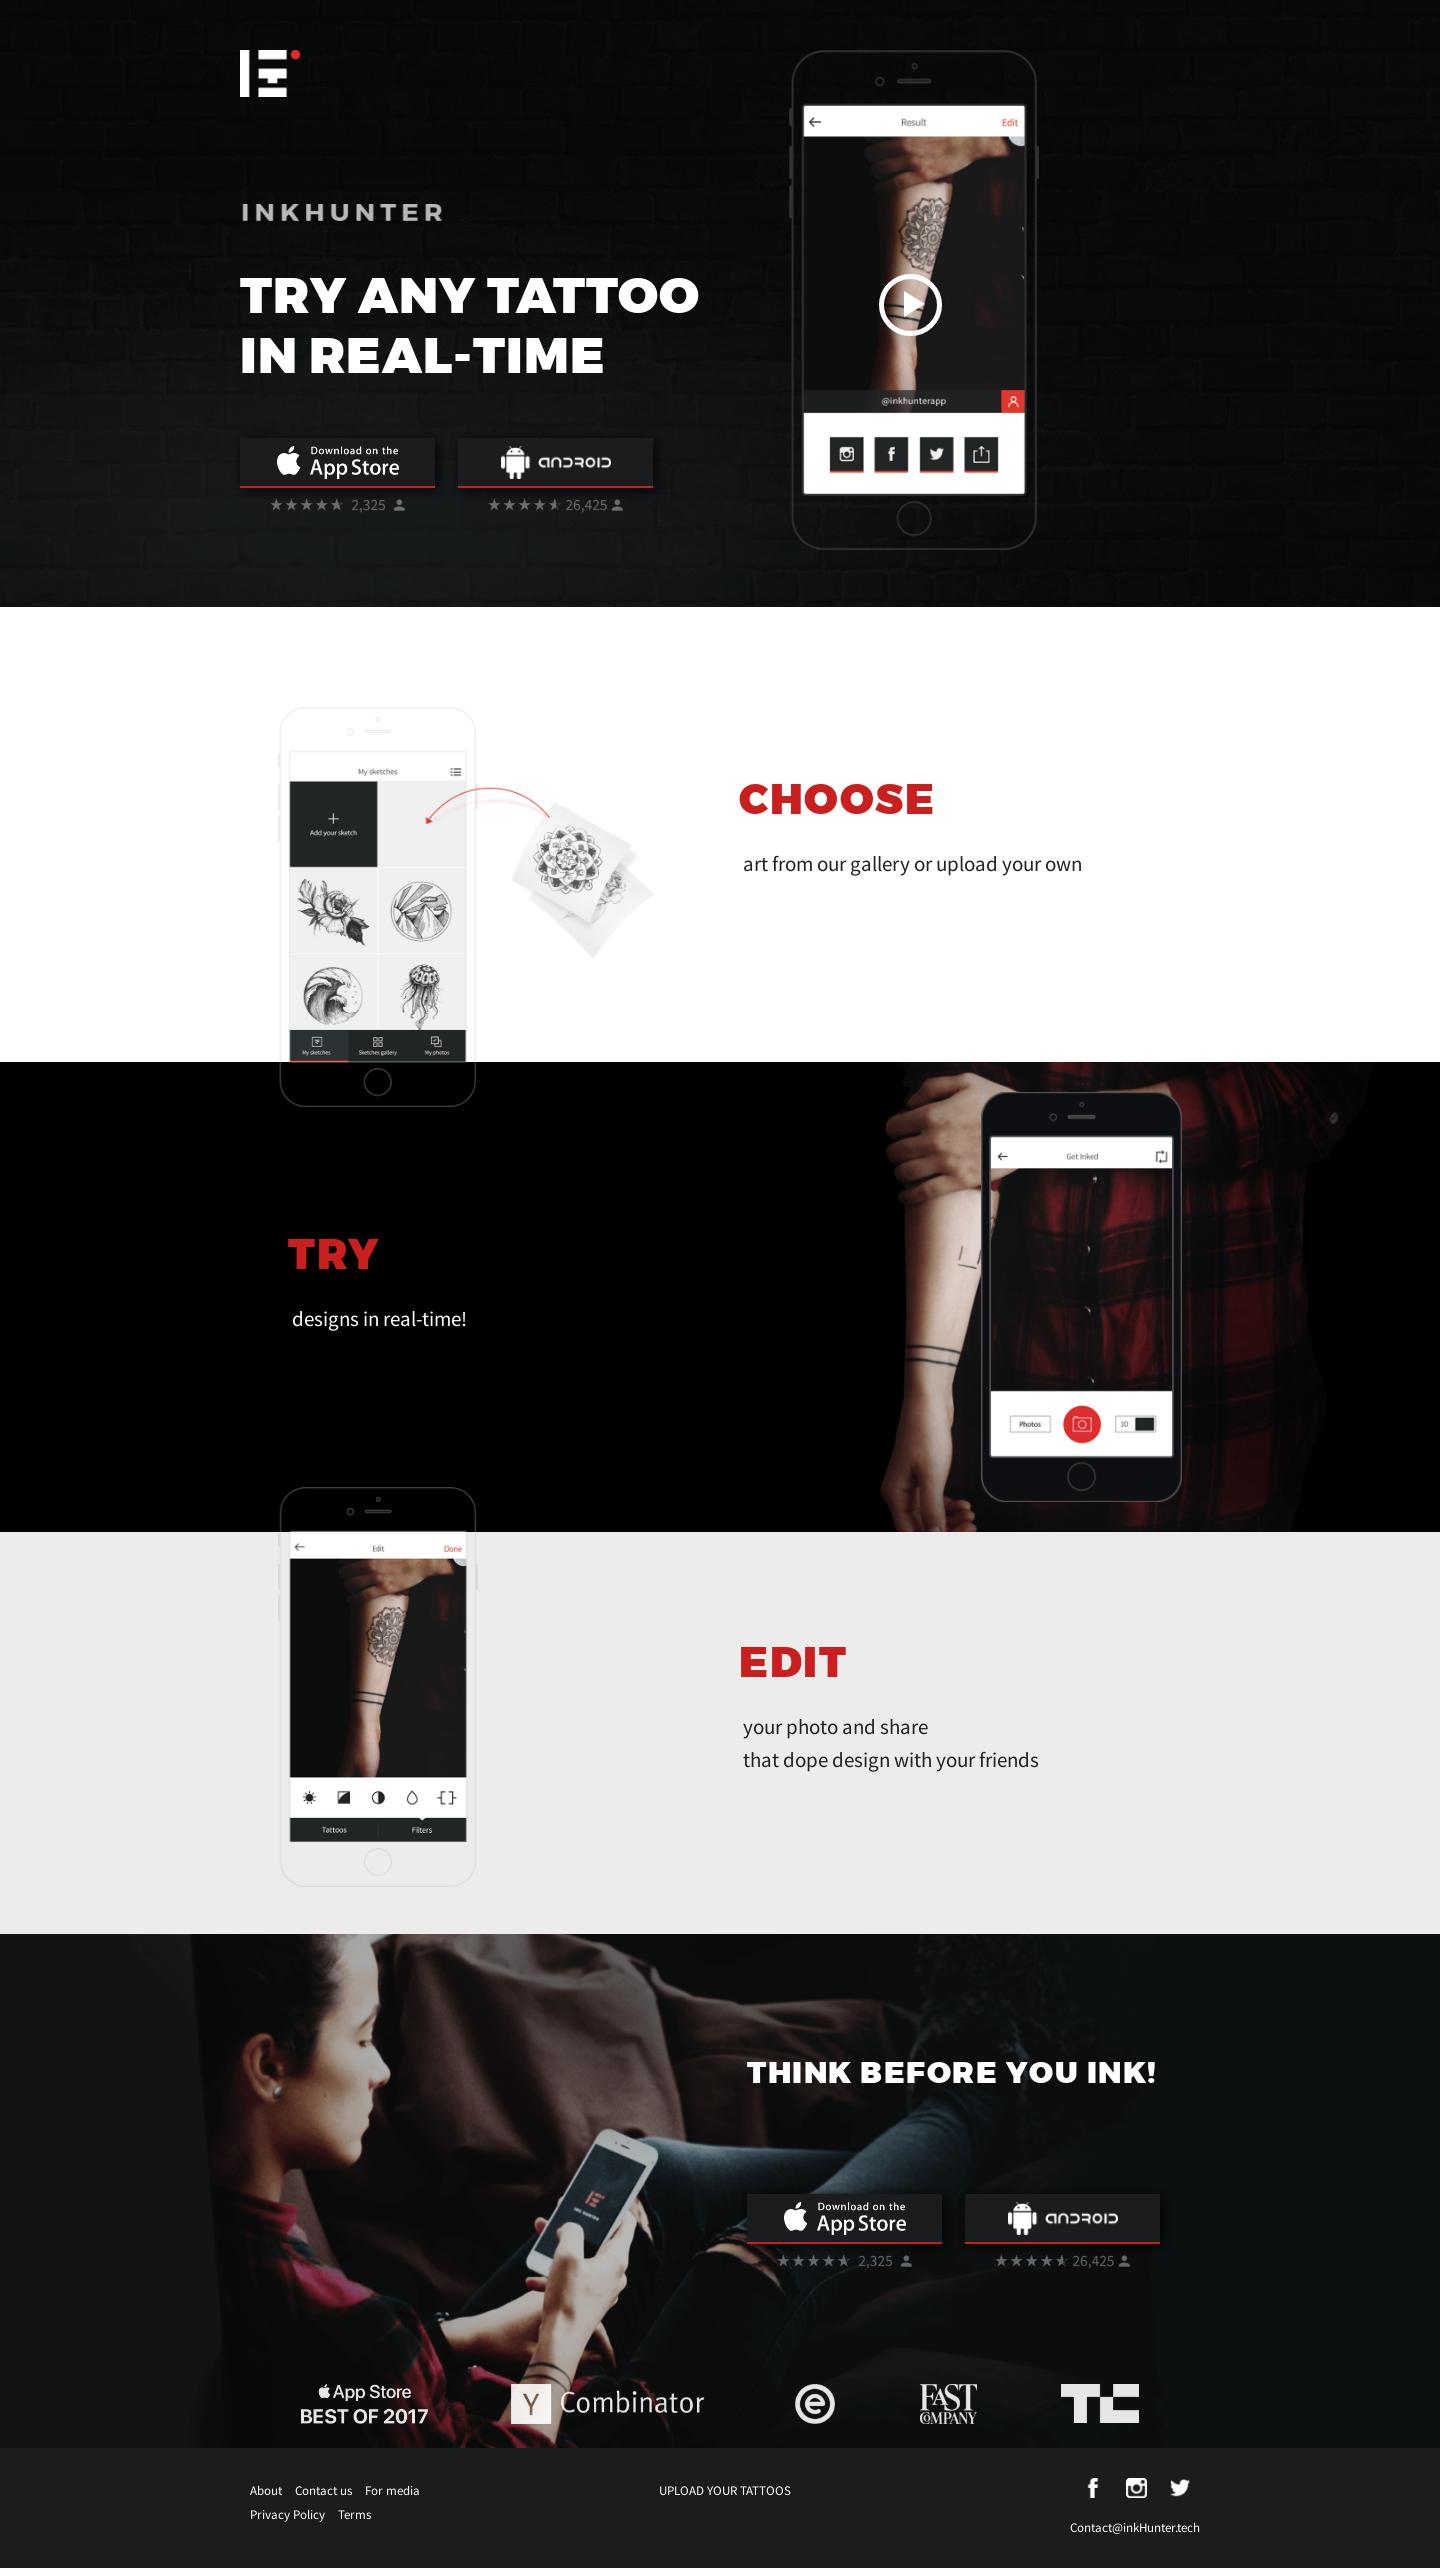 Landing Page Example Inkhunter Tattoo Veb Dizajn Dizajn